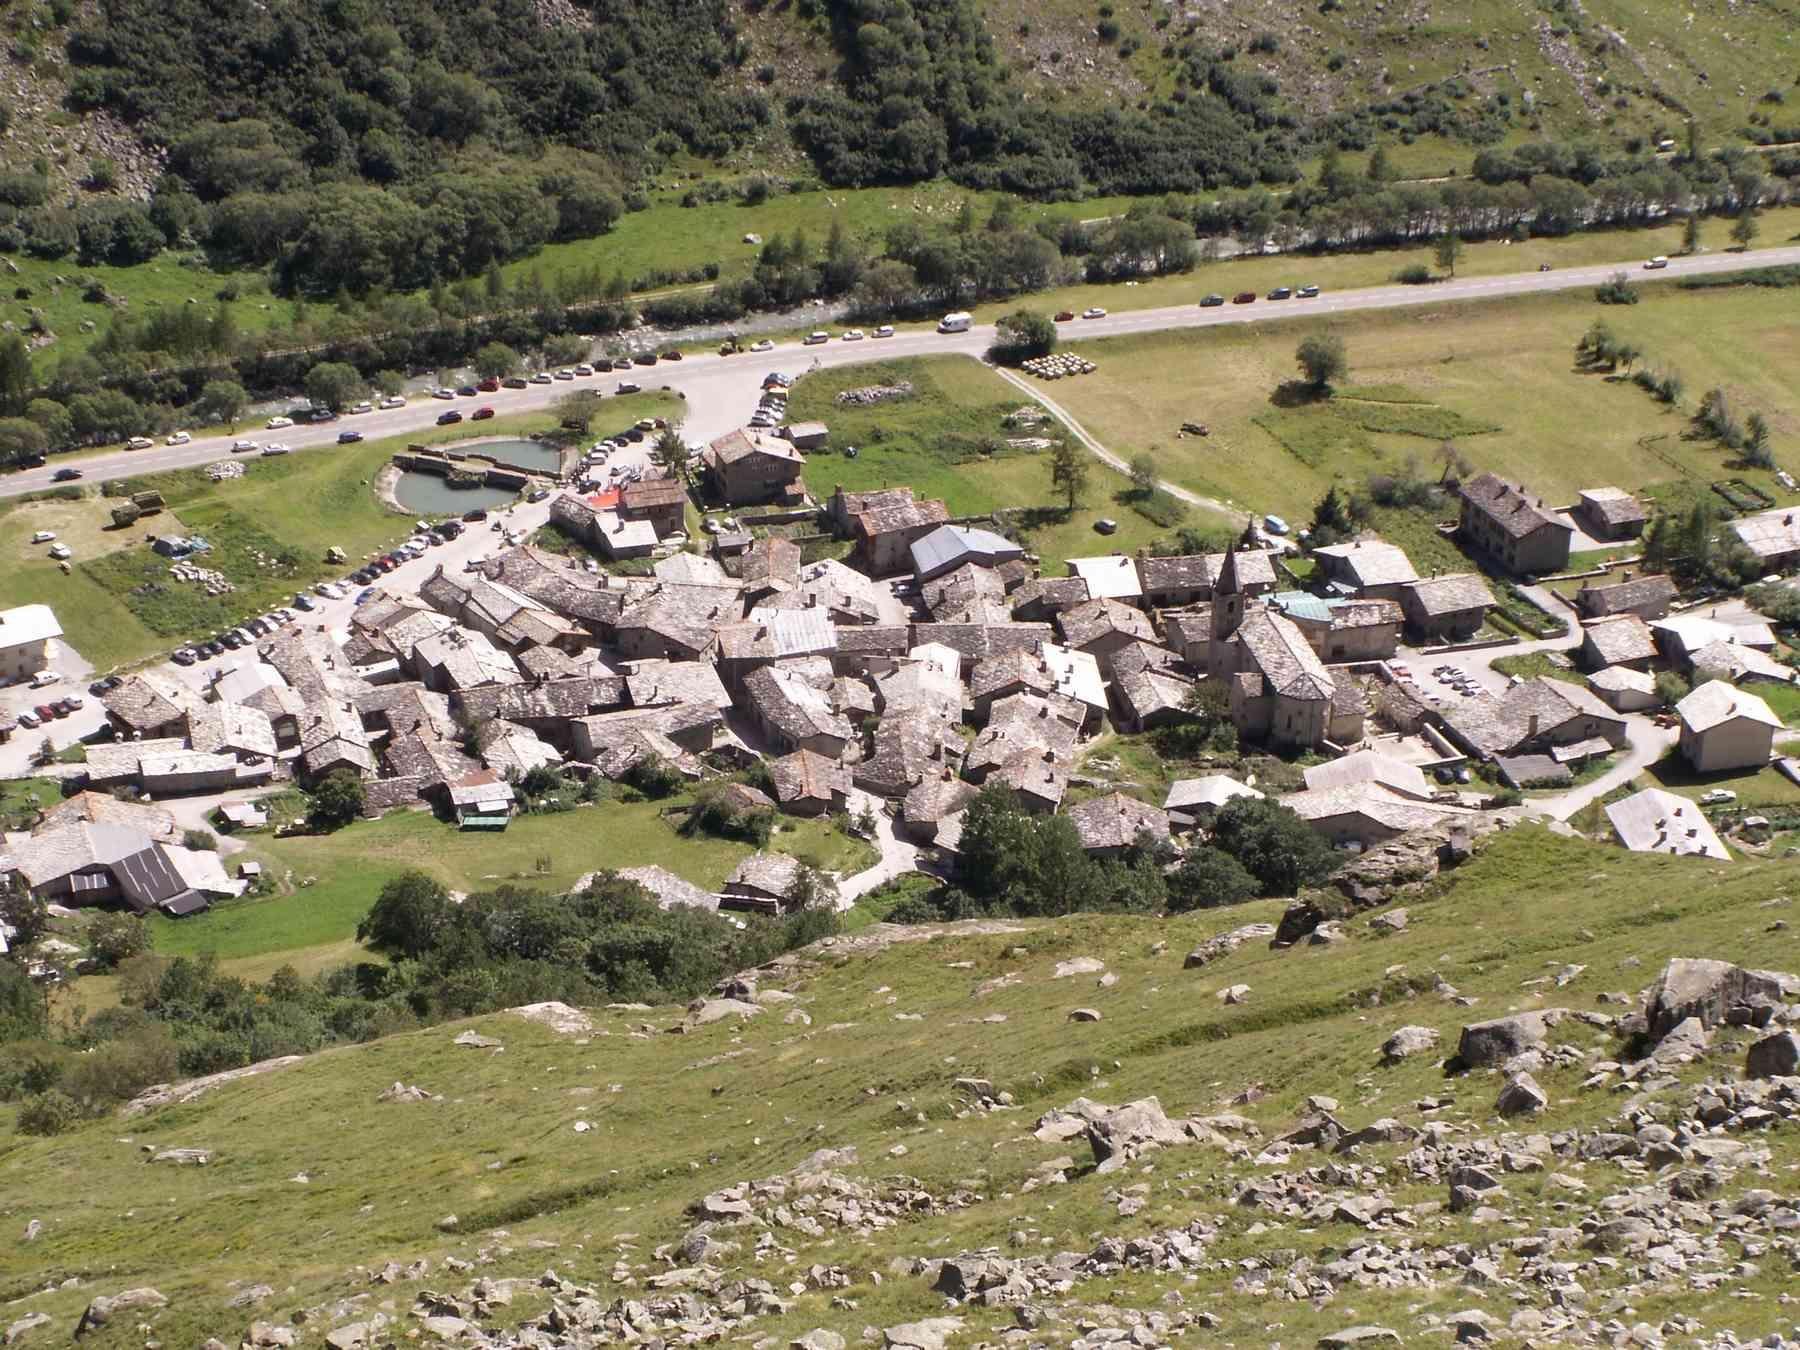 Tour de France virtuel - Les Plus Beaux Villages de France Pict0014